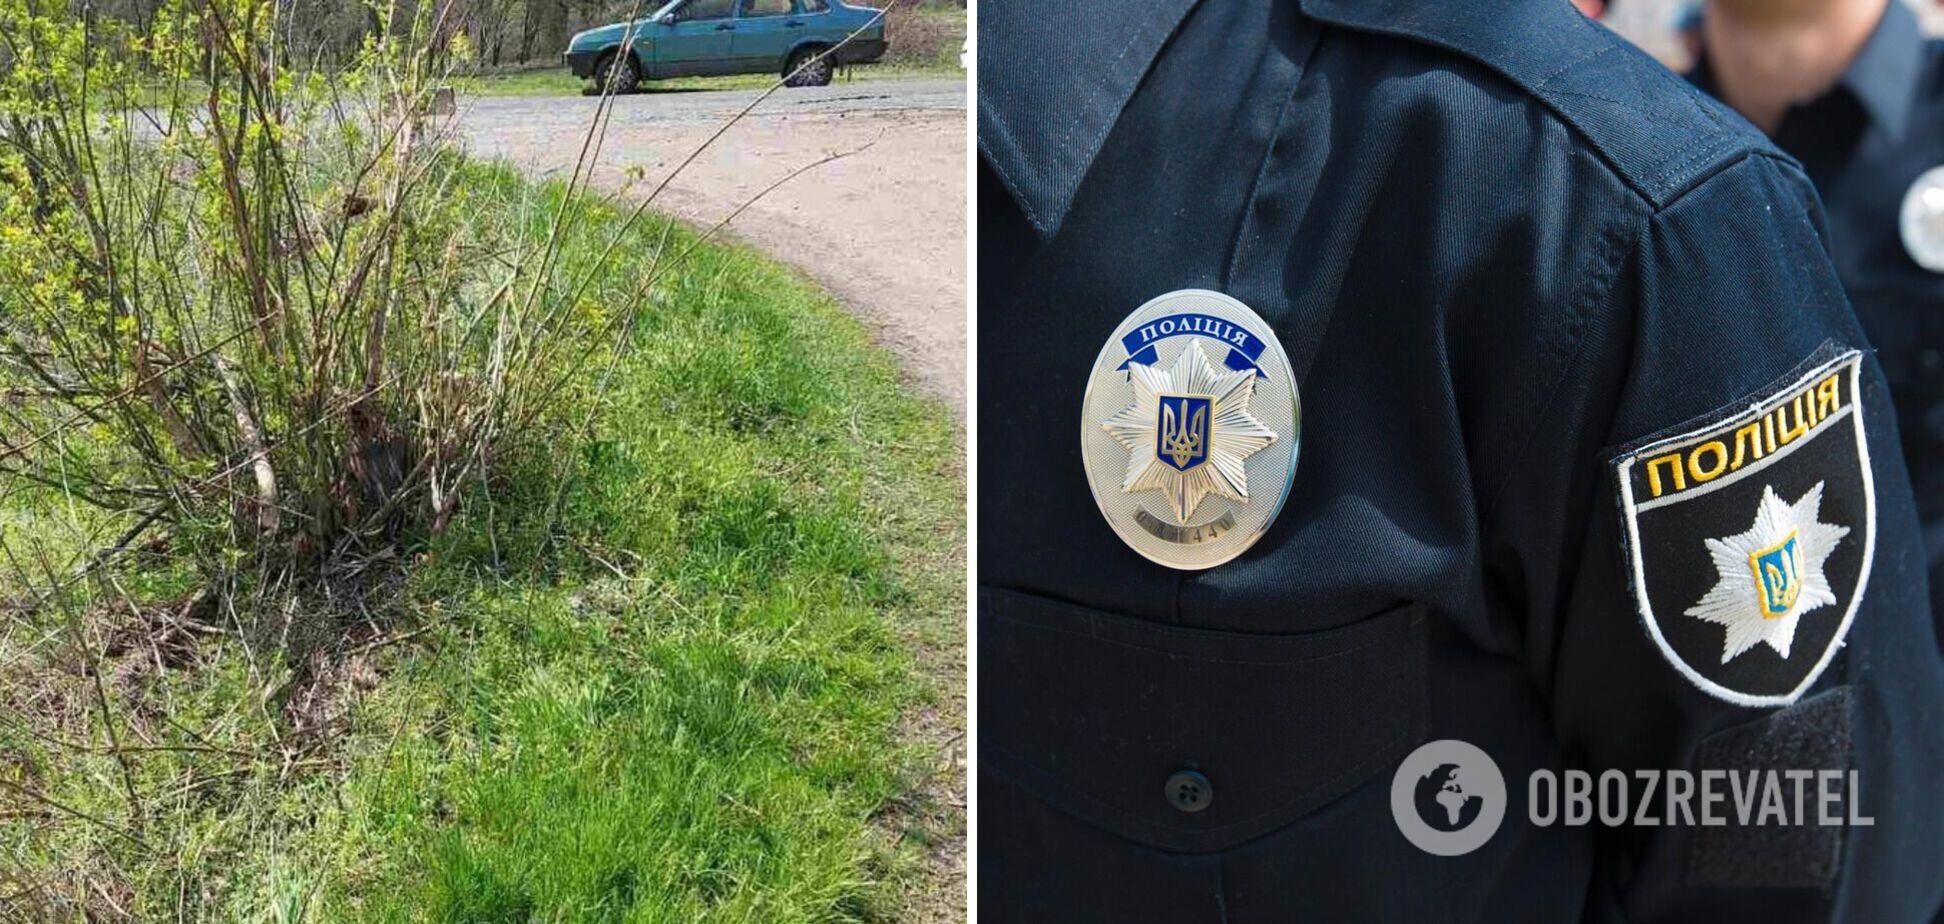 Під Полтавою 15-річний хлопець зізнався у зґвалтуванні дівчини, яку згодом знайшли мертвою